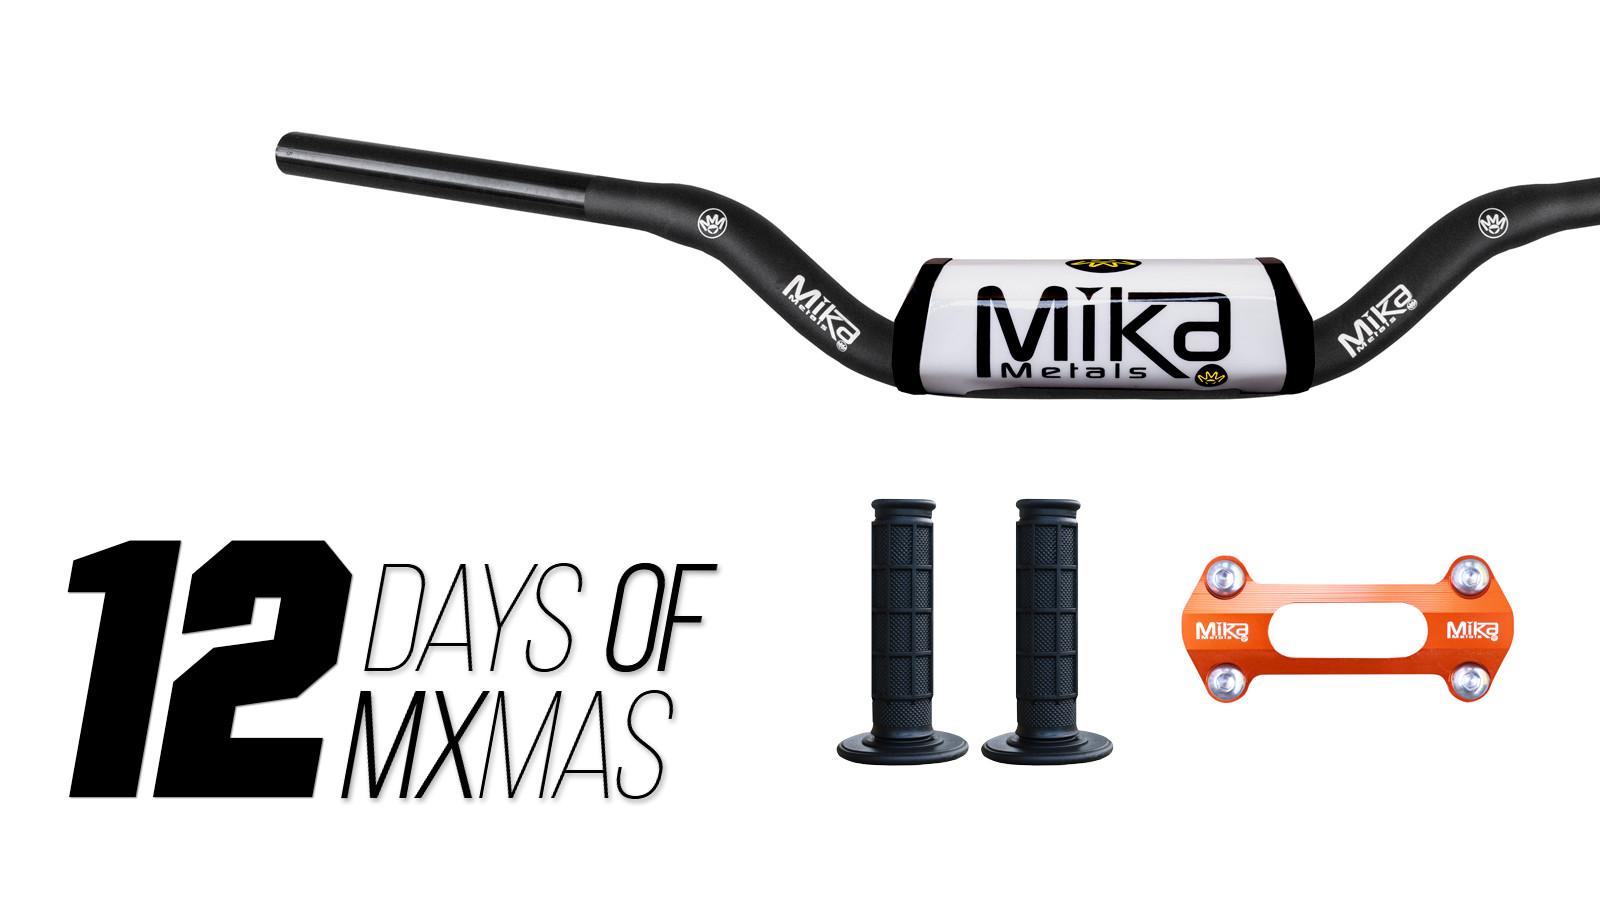 12 Days of MXmas: Mika Metals